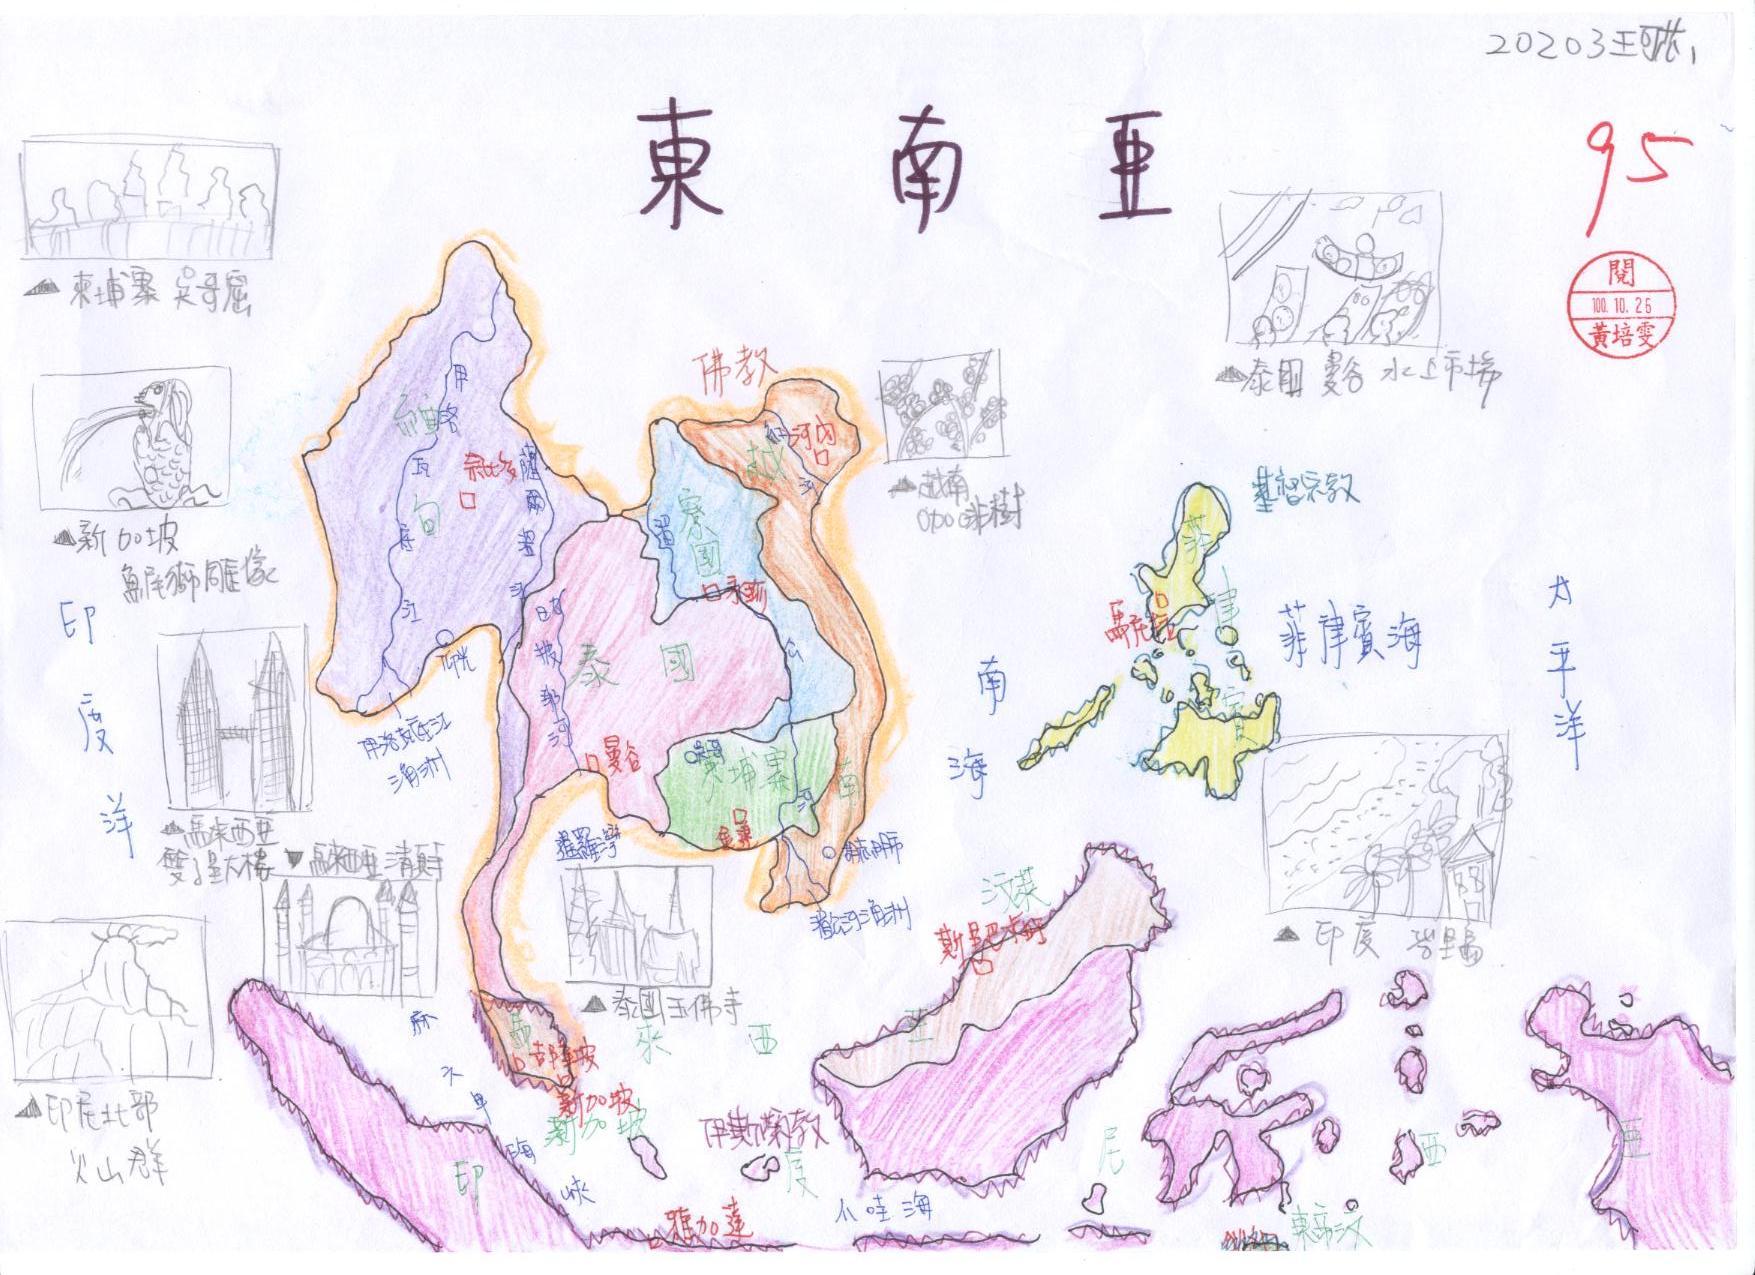 手绘地图--东南亚